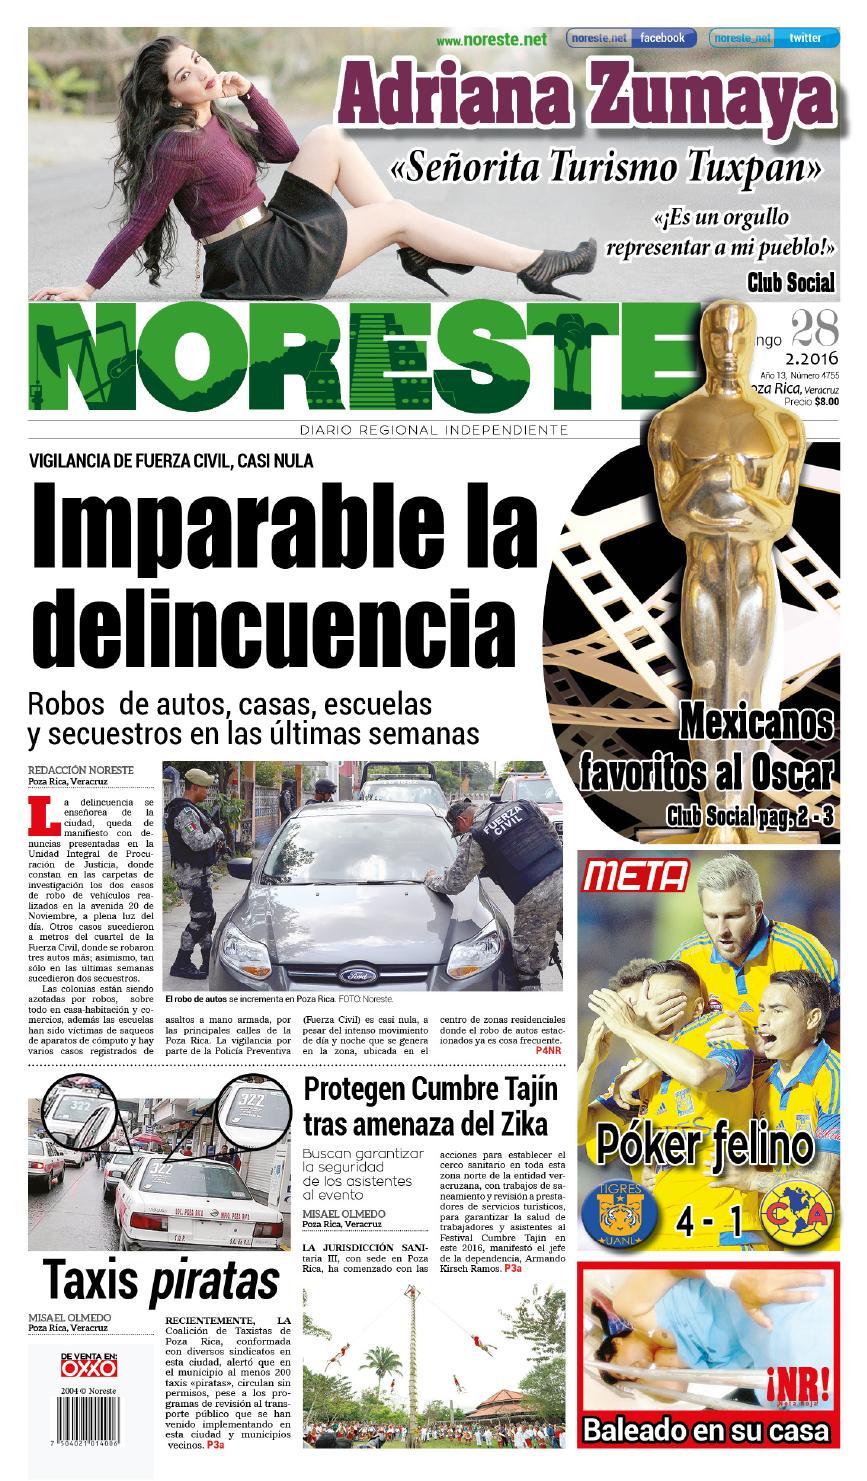 Versi N Impresa 28 De Febrero De 2016 By Noreste Diario Regional  # Muebles Metalicos Juquila